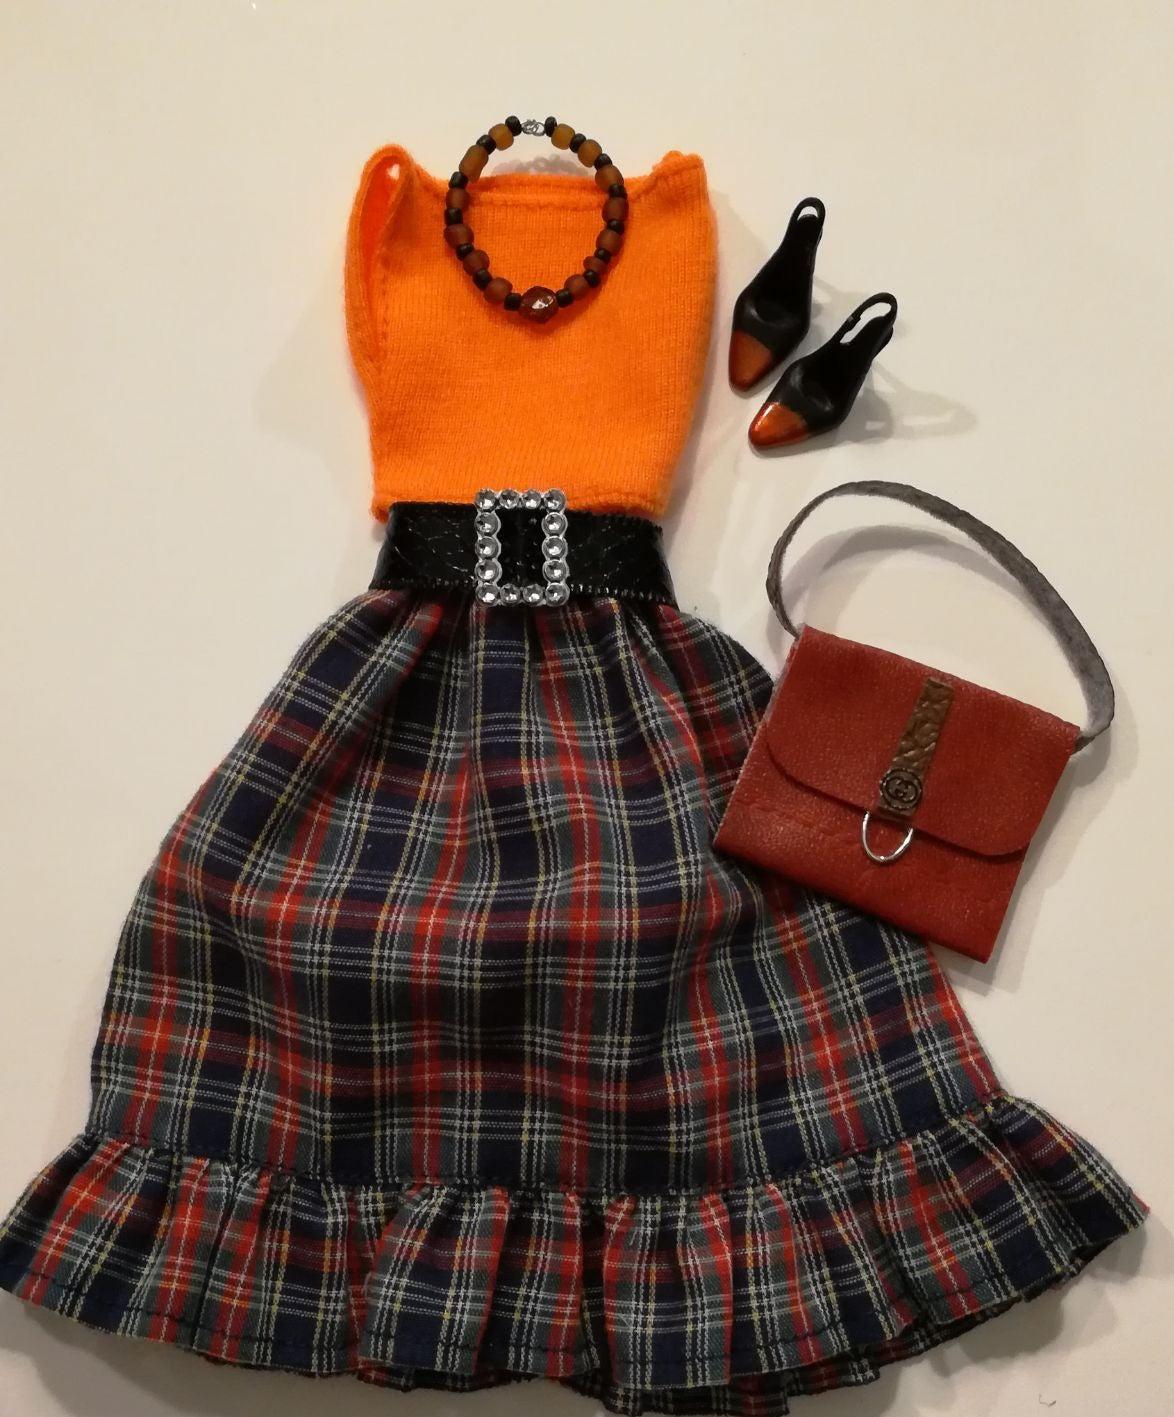 Barbie Orange Flash